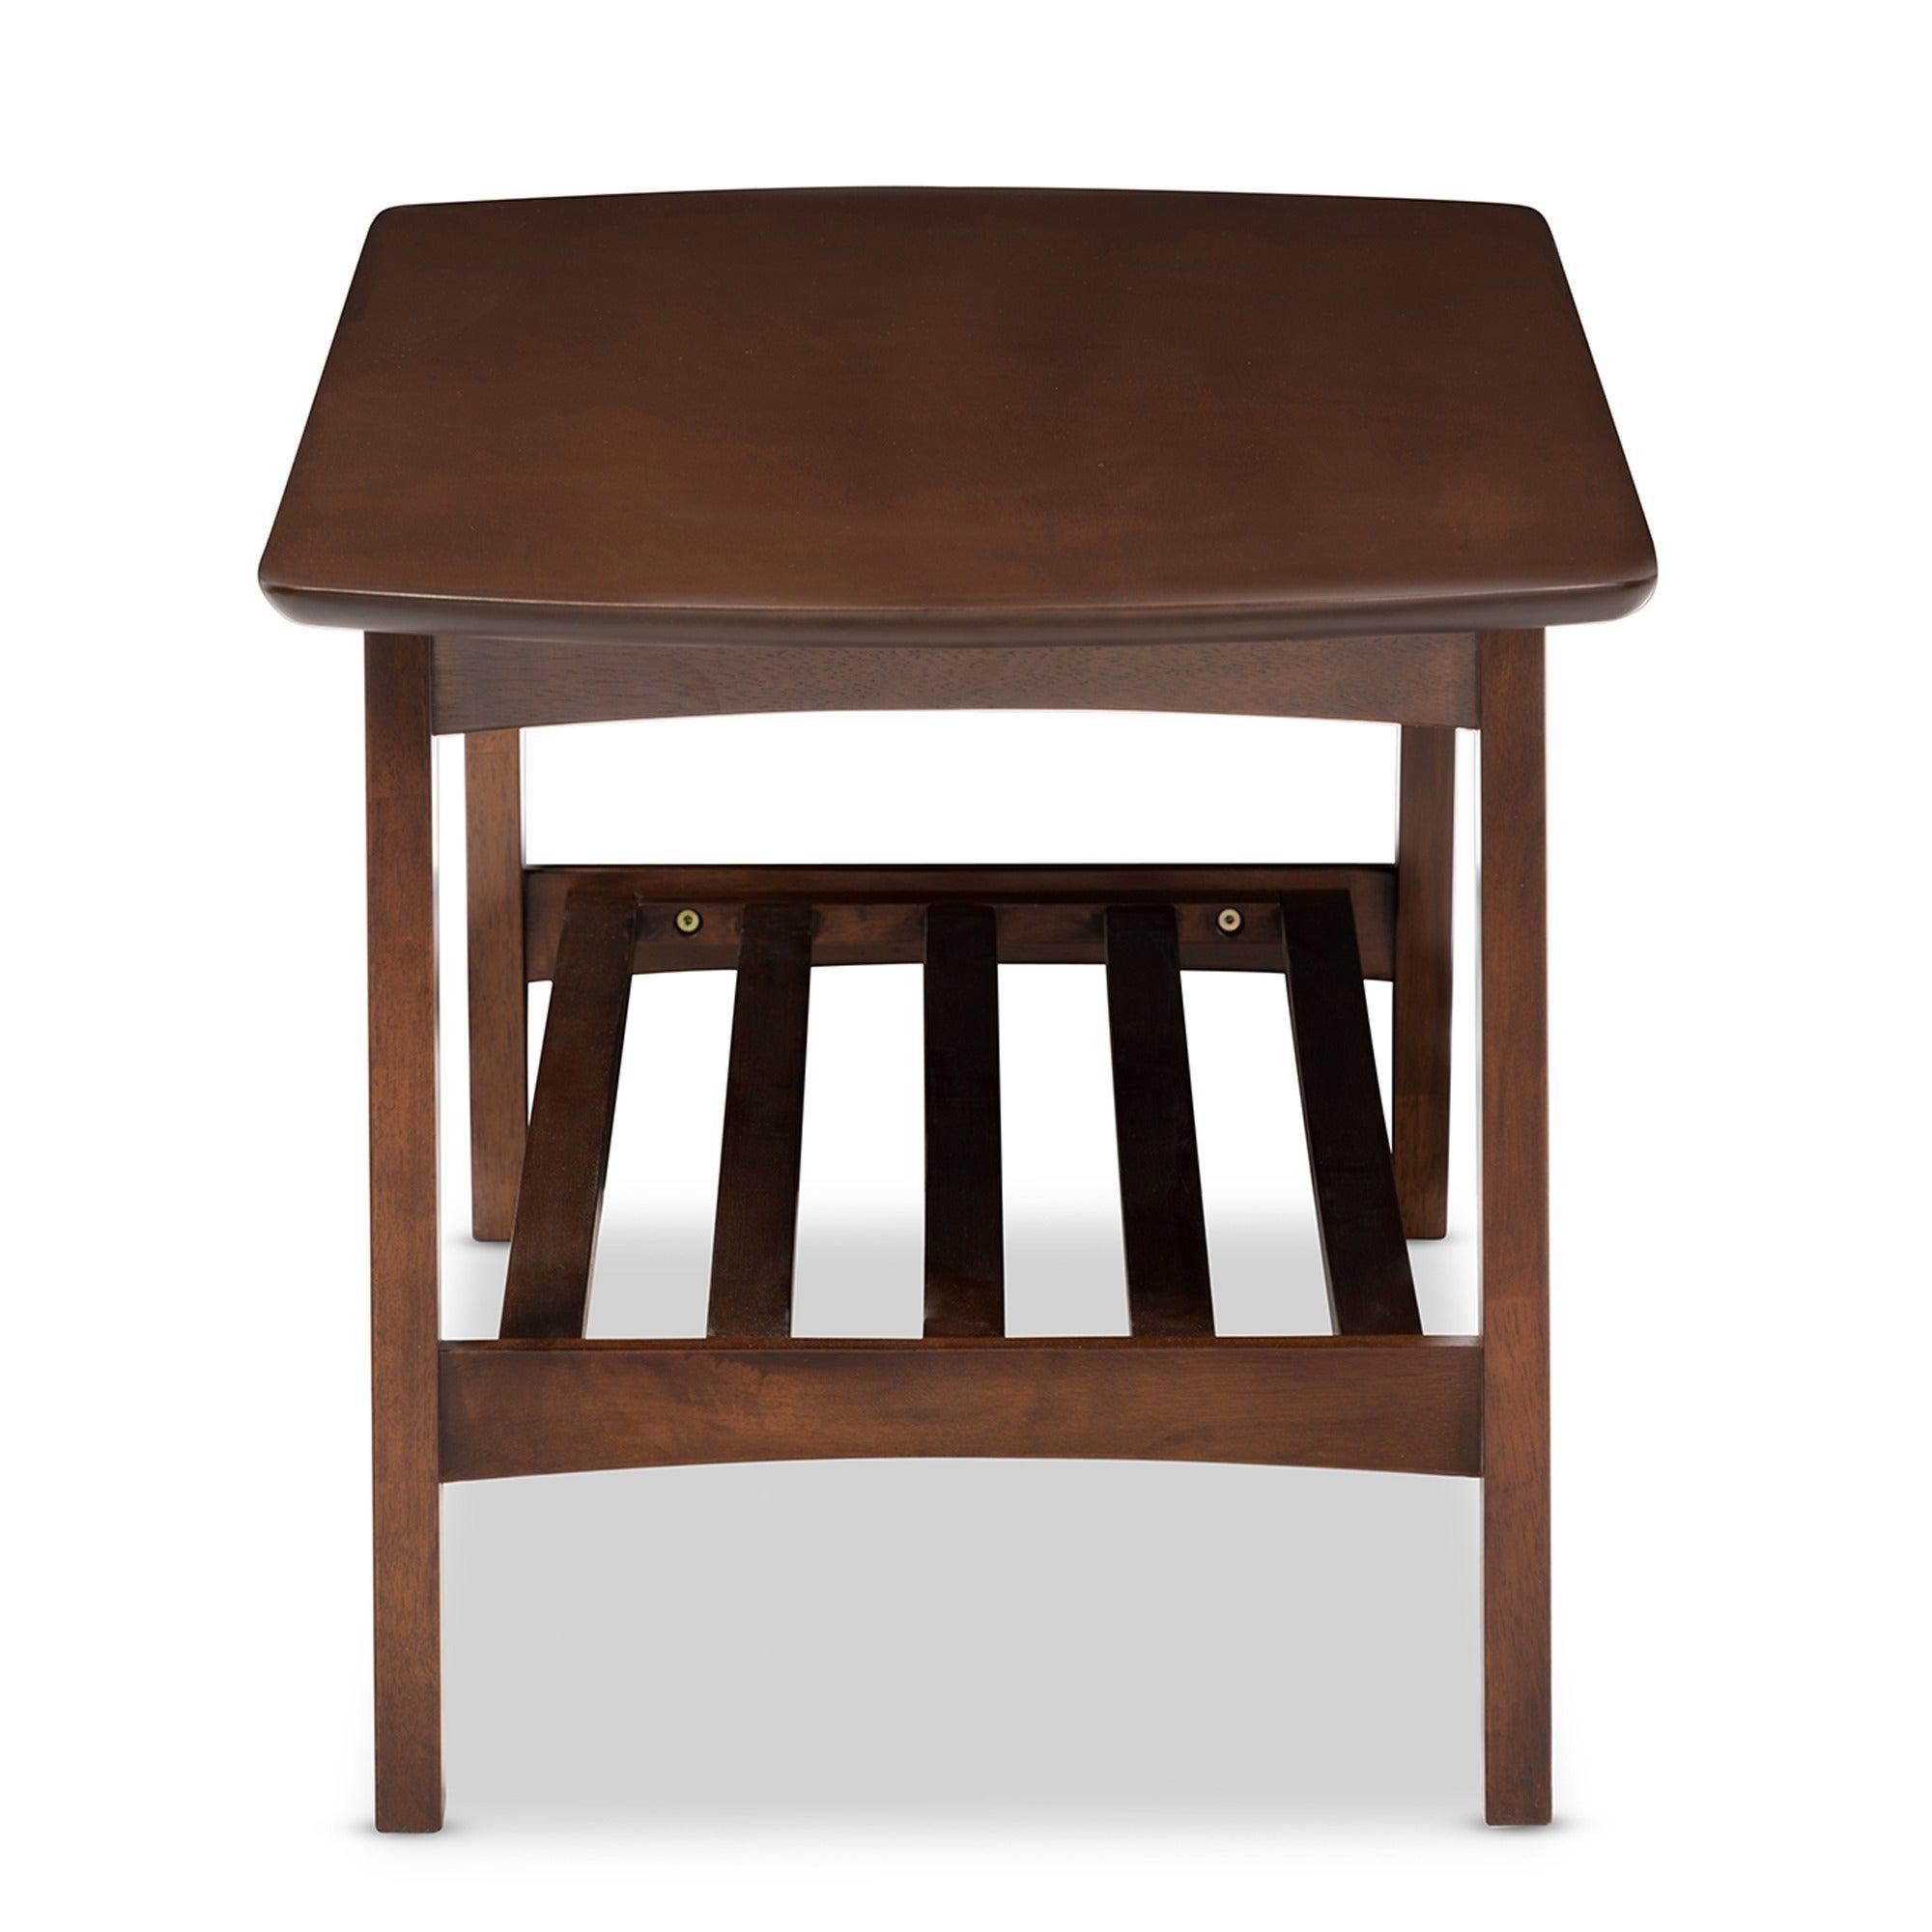 Carson Carrington Karkkila Mid Century Modern Scandinavian Style Dark  Walnut Coffee Table   Free Shipping Today   Overstock   17715485